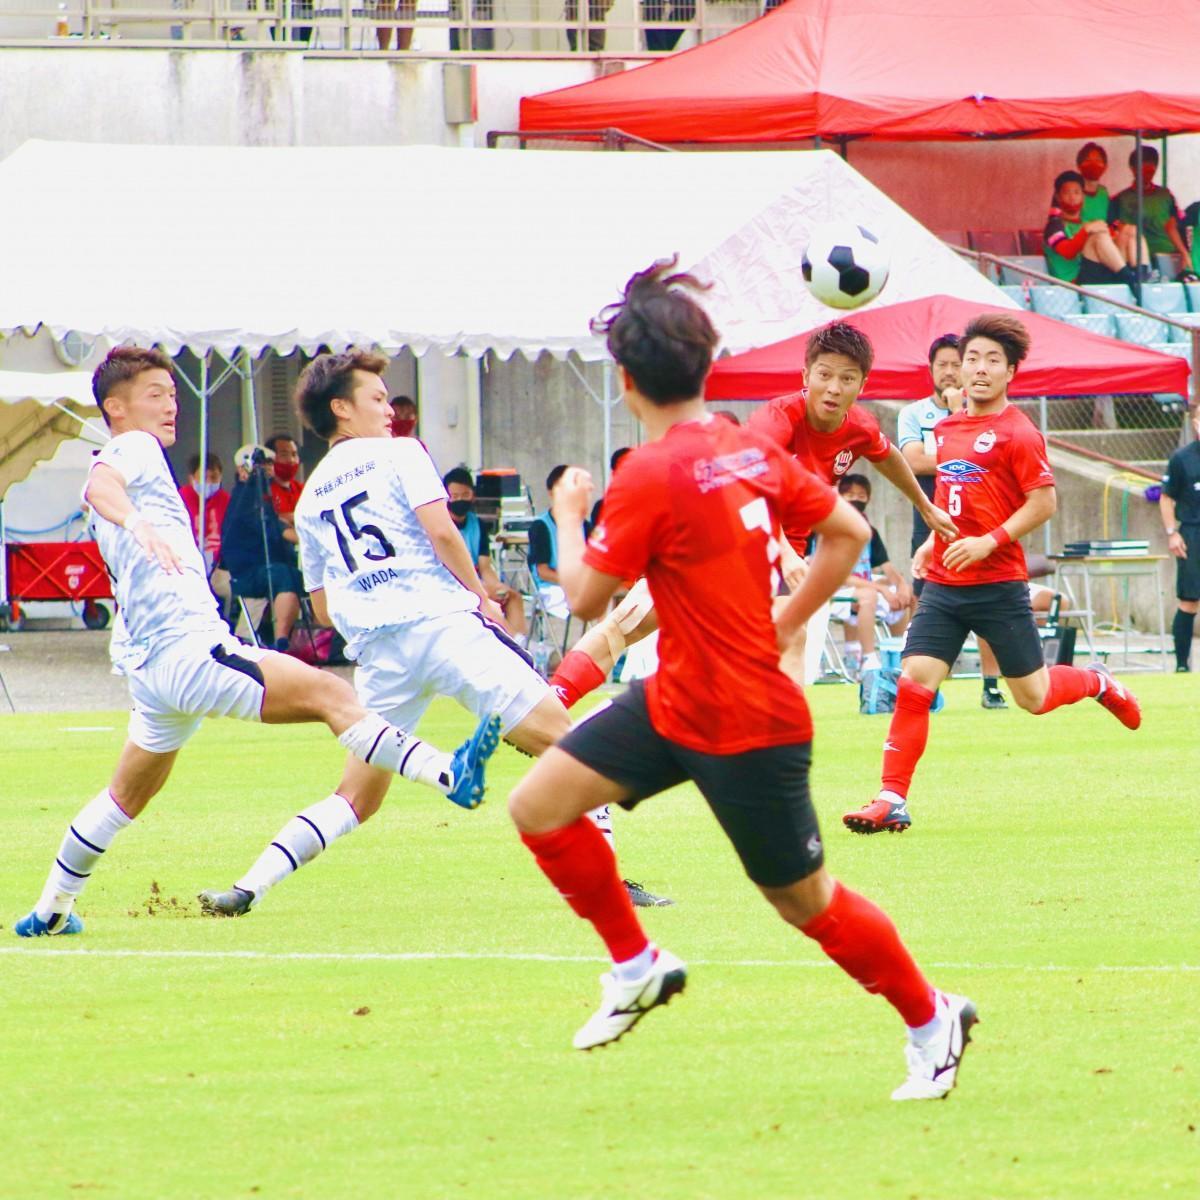 復調したヴェルスパは暫定3位まで浮上(6月5日の対FC大阪戦、昭和電工サッカー・ラグビー場で)